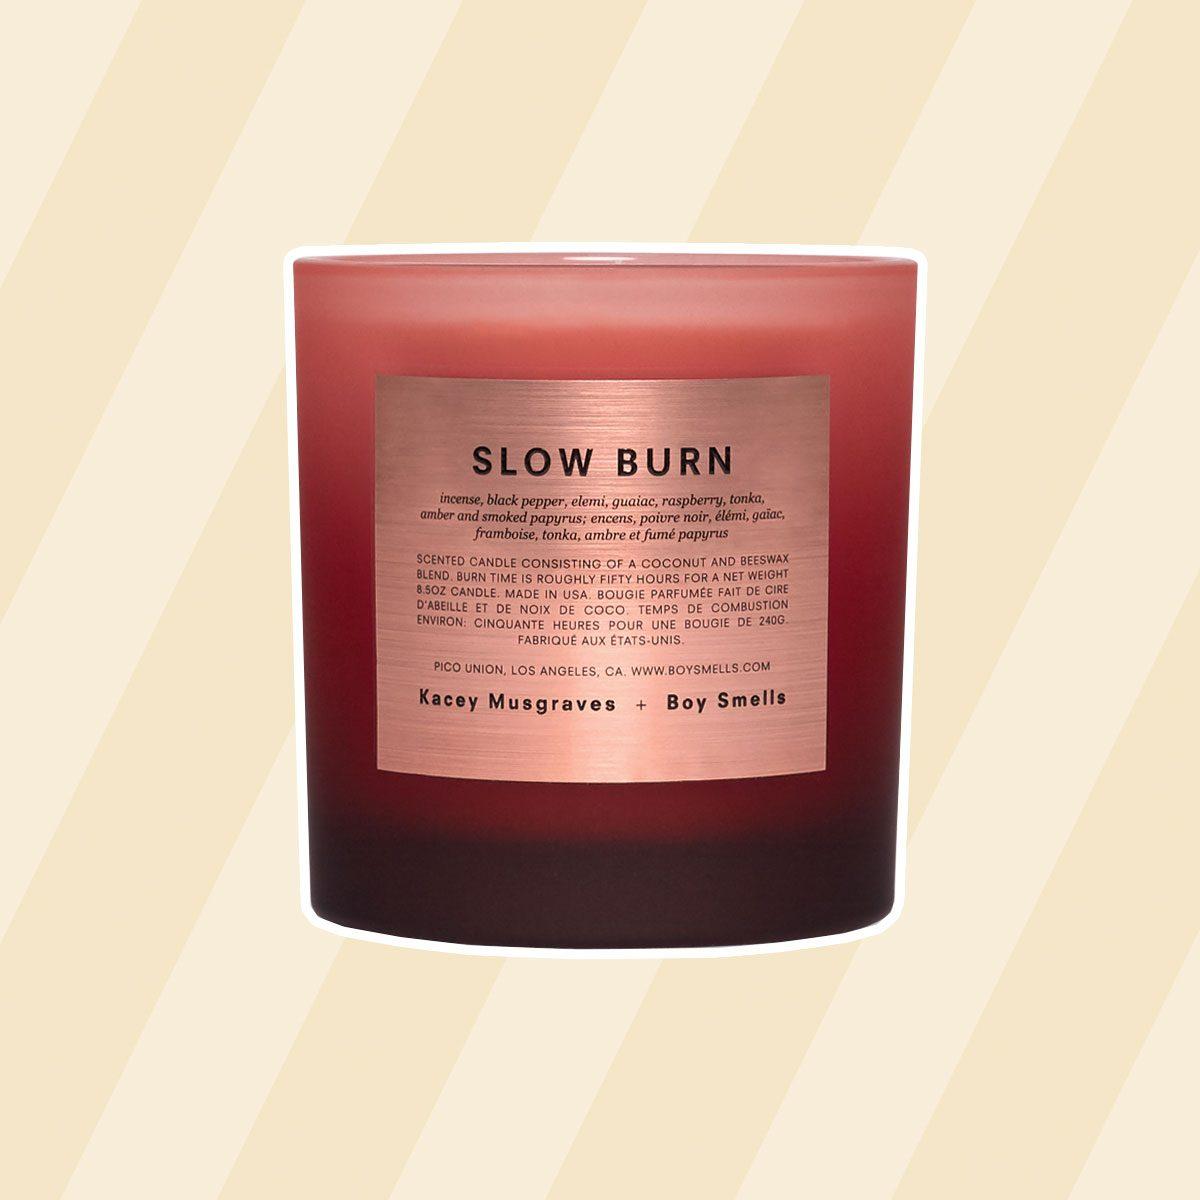 Boy Smells Slow Burn